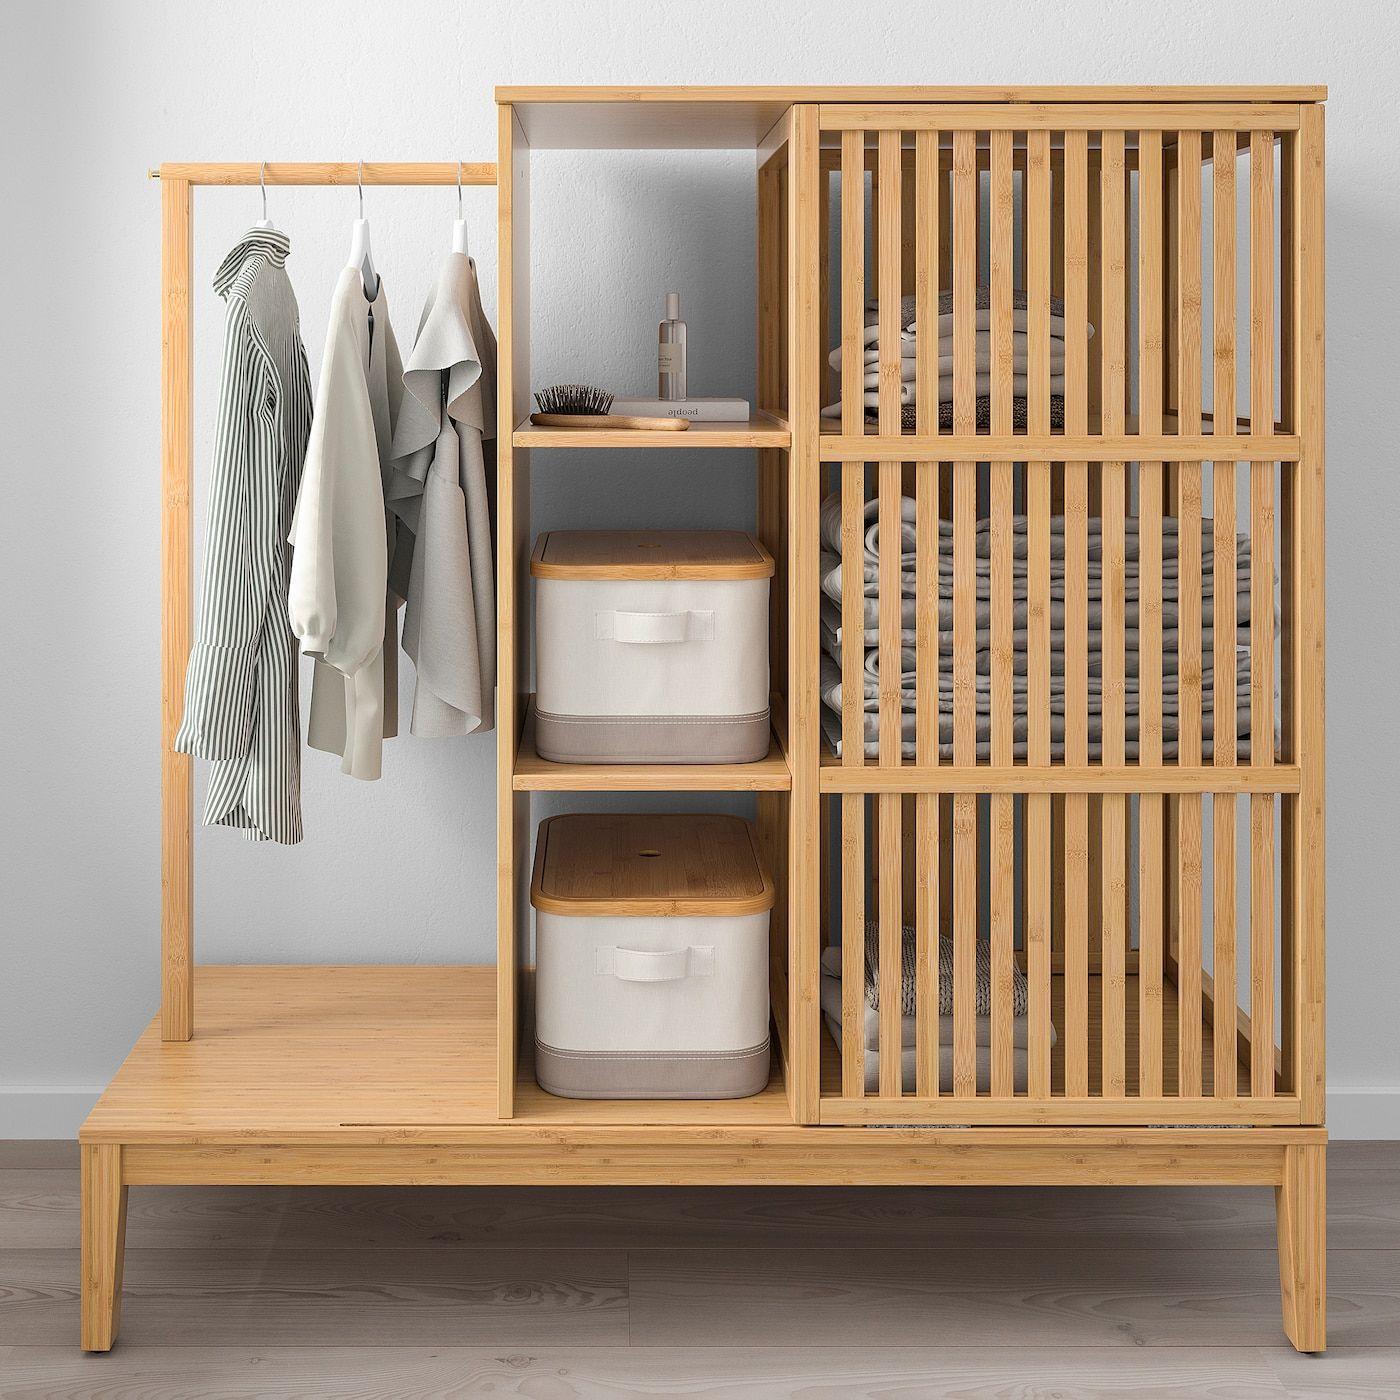 Nordkisa Apen Garderobe Med Skyvedor Bambus I 2020 Ikea